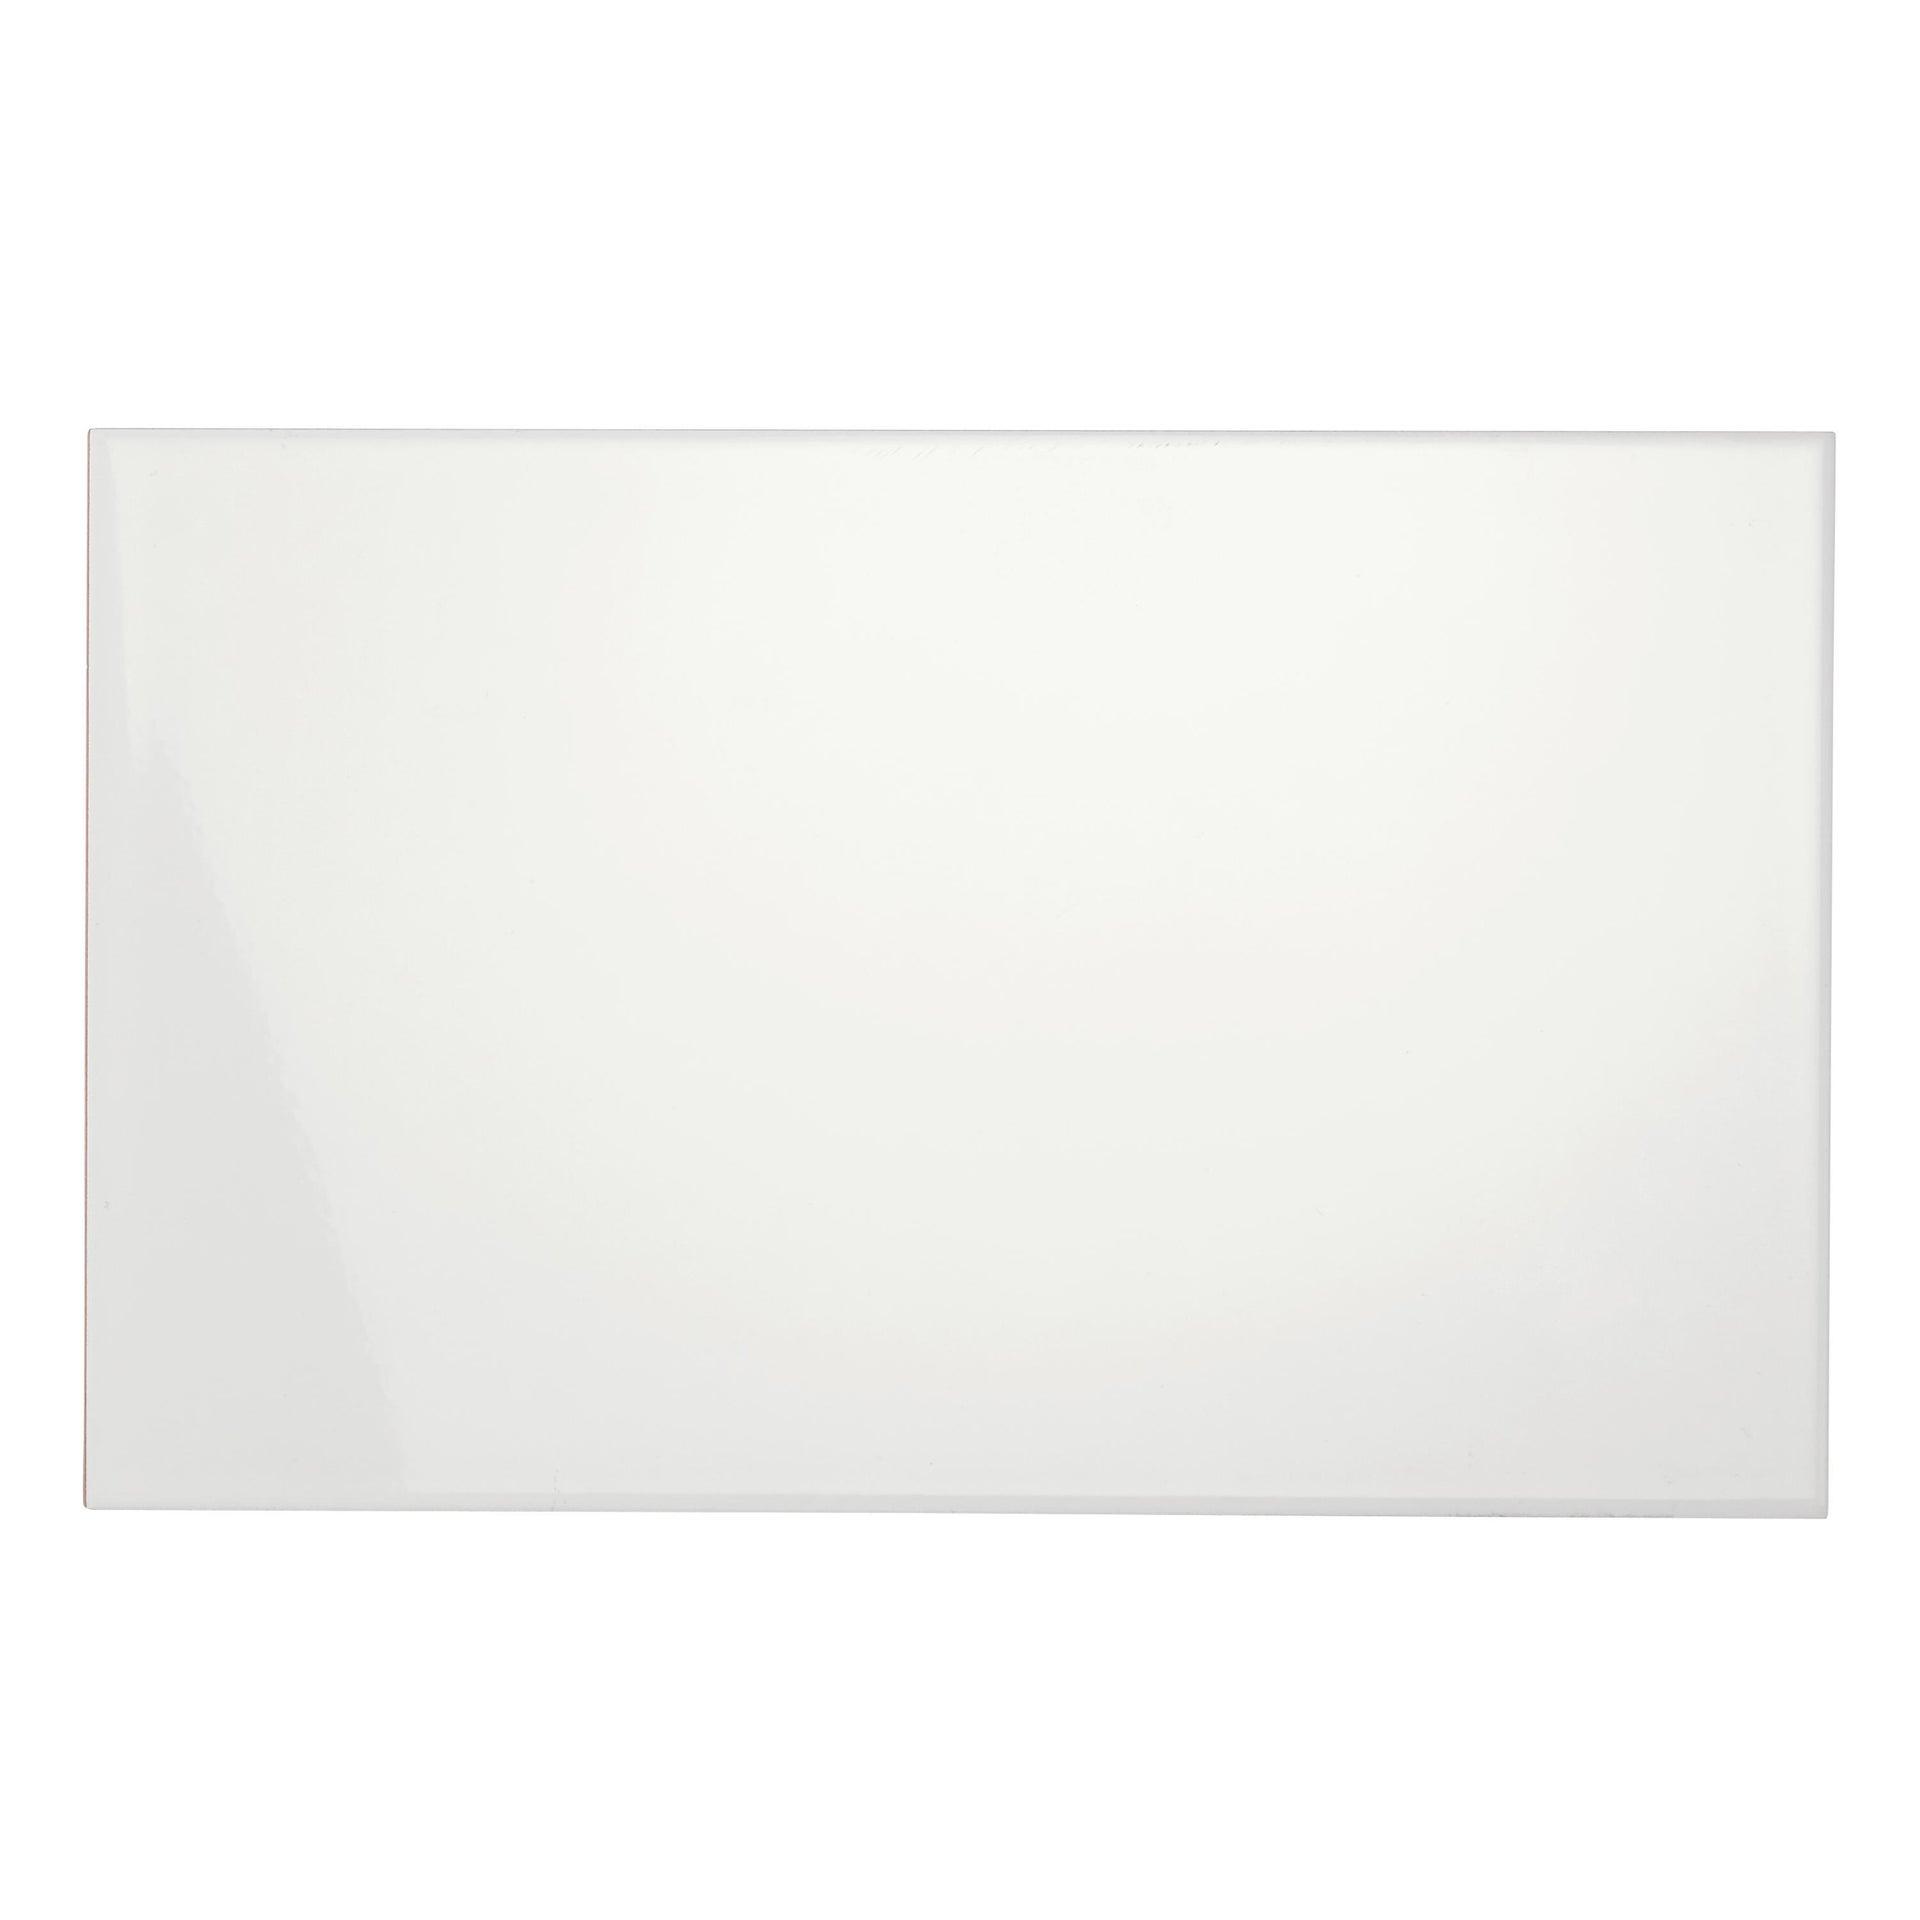 Piastrella per rivestimenti White glossy 25 x 40 cm sp. 8.6 mm bianco - 2